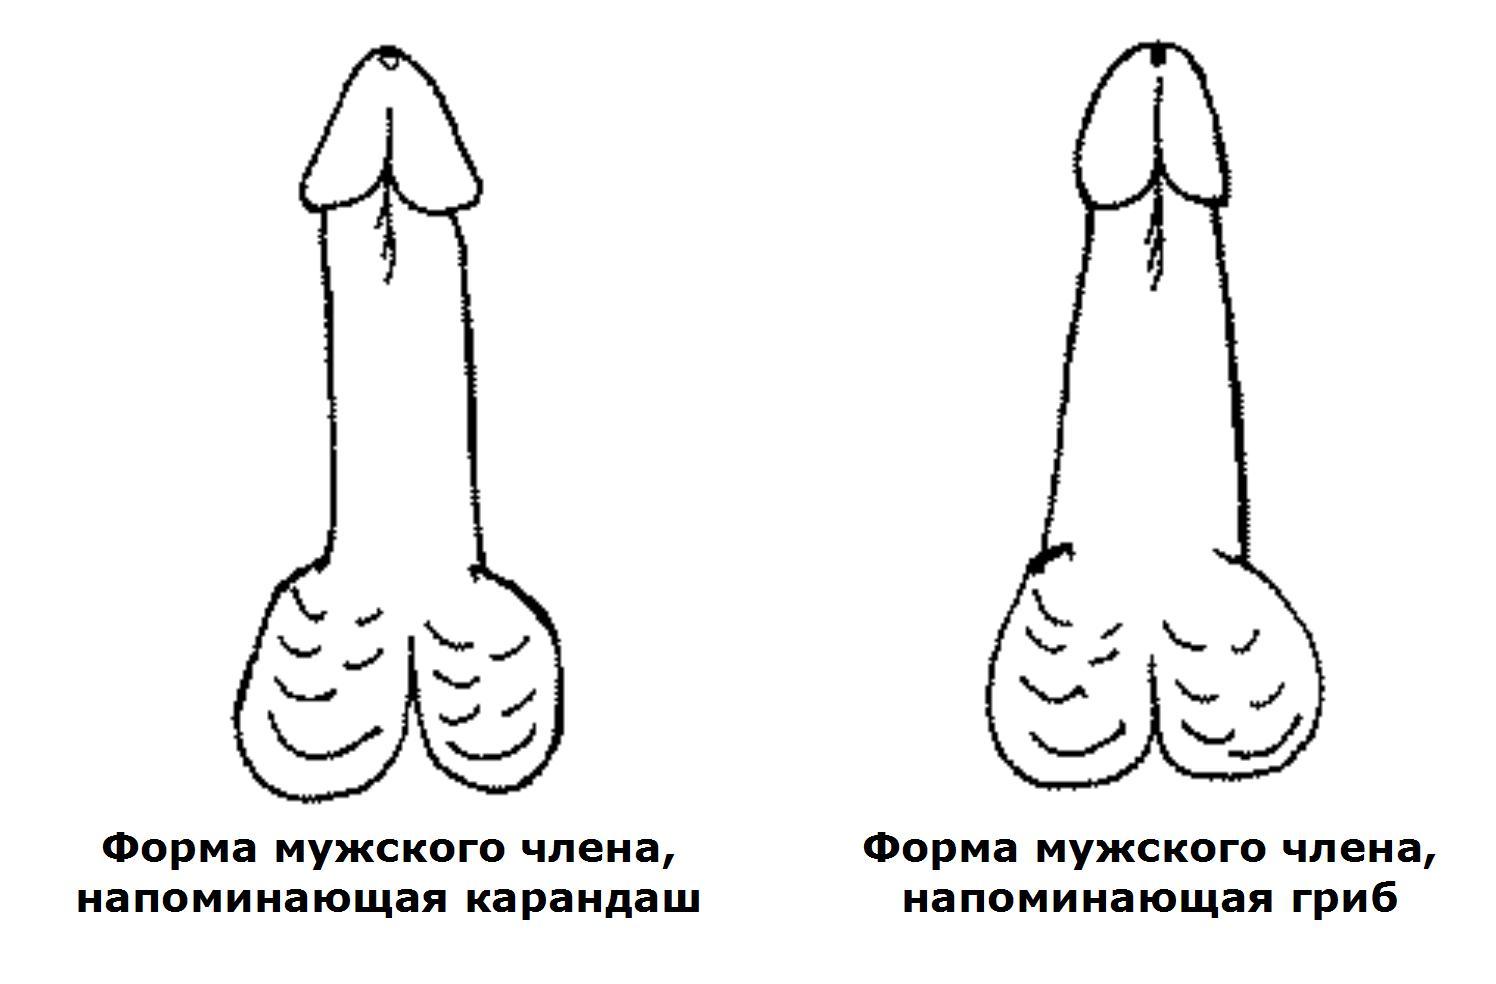 массаж для увеличения бюста ци